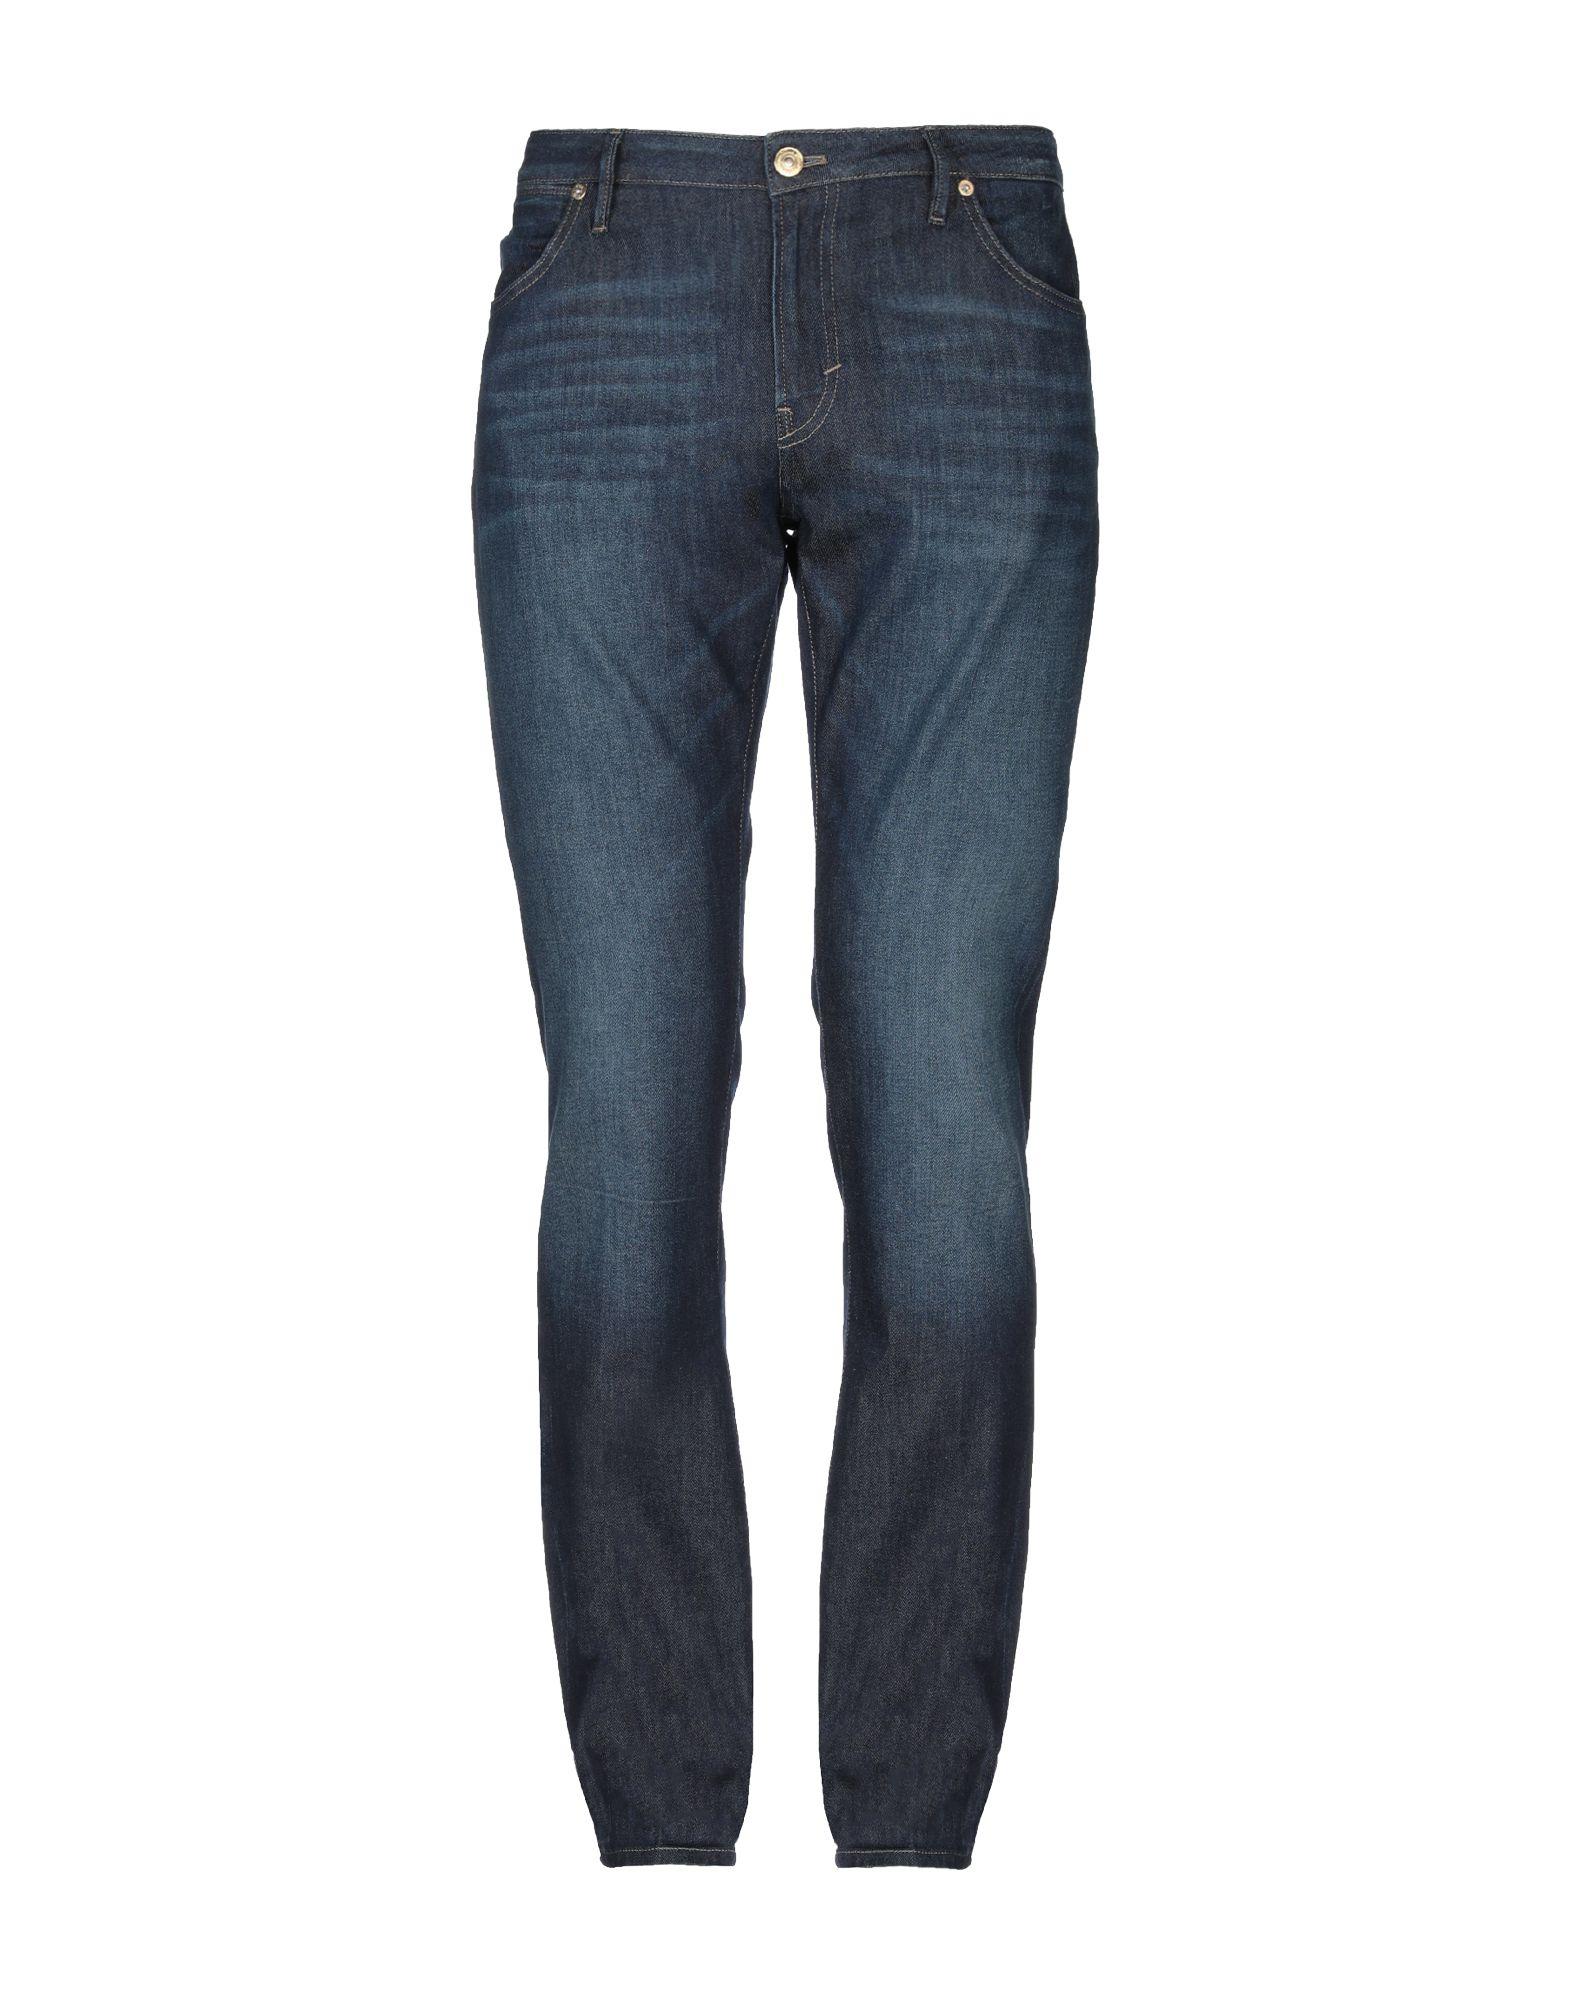 《送料無料》PT05 メンズ ジーンズ ブルー 31 コットン 92% / エメリー 6% / ポリウレタン 2%